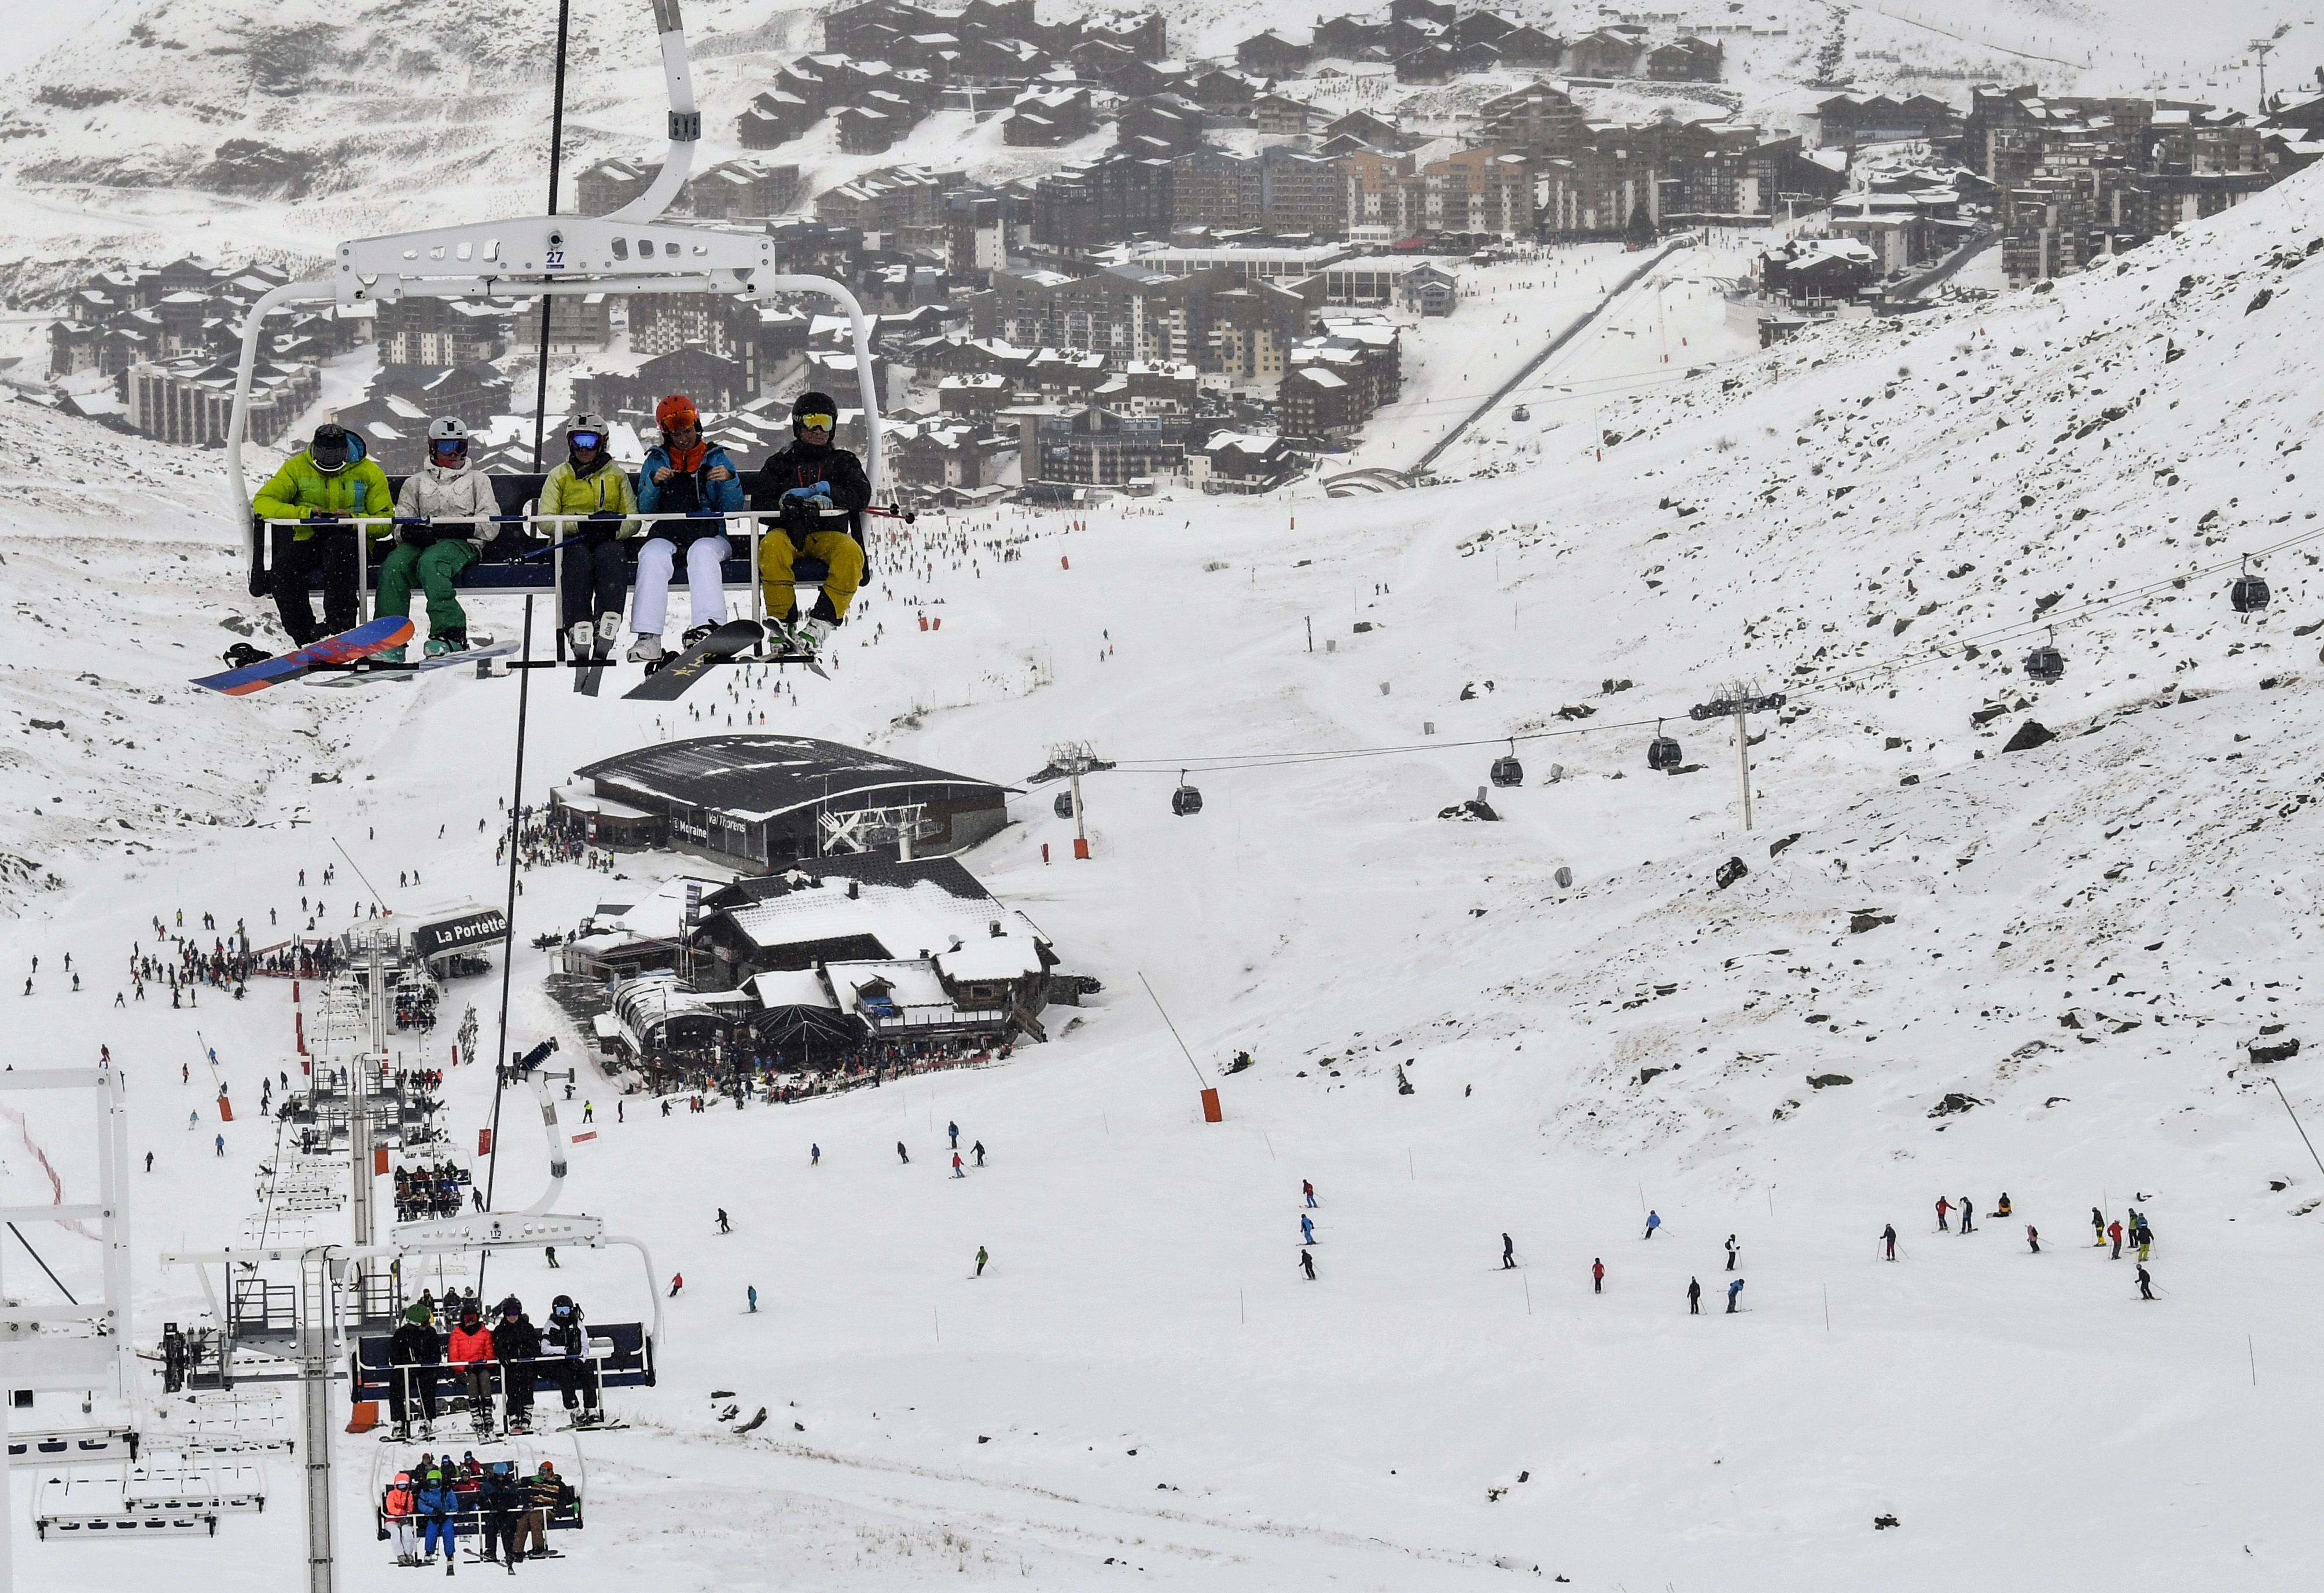 Een foto van mensen op wintersport in de skilift